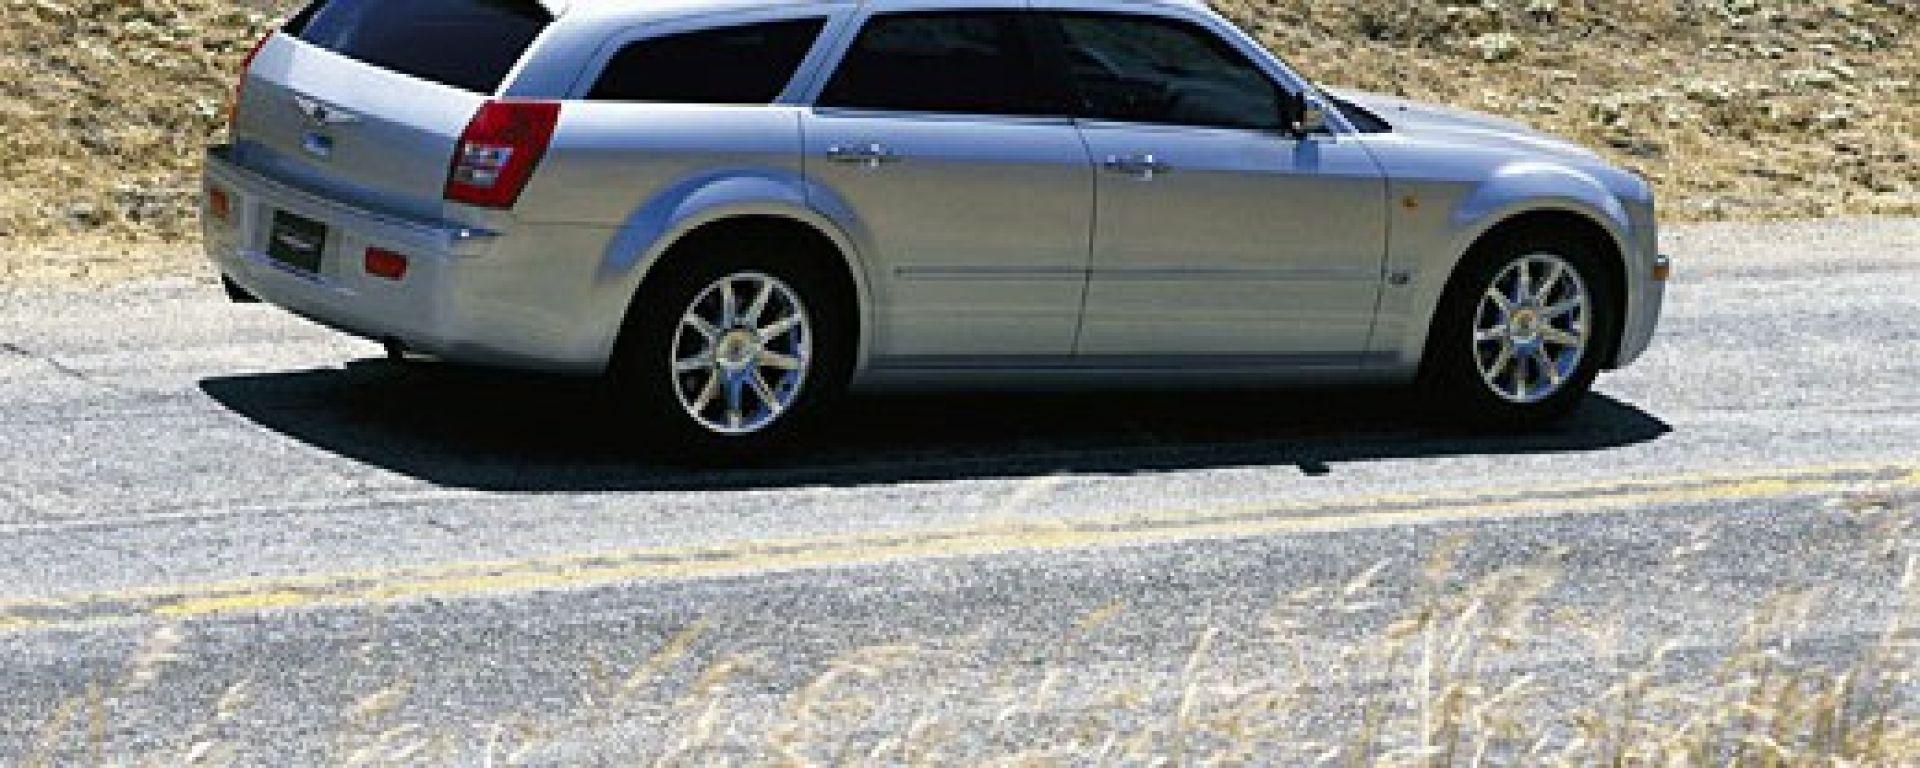 Test drive chrysler 300c 3 0 crd v6 touring motorbox for Chrysler 300c crd